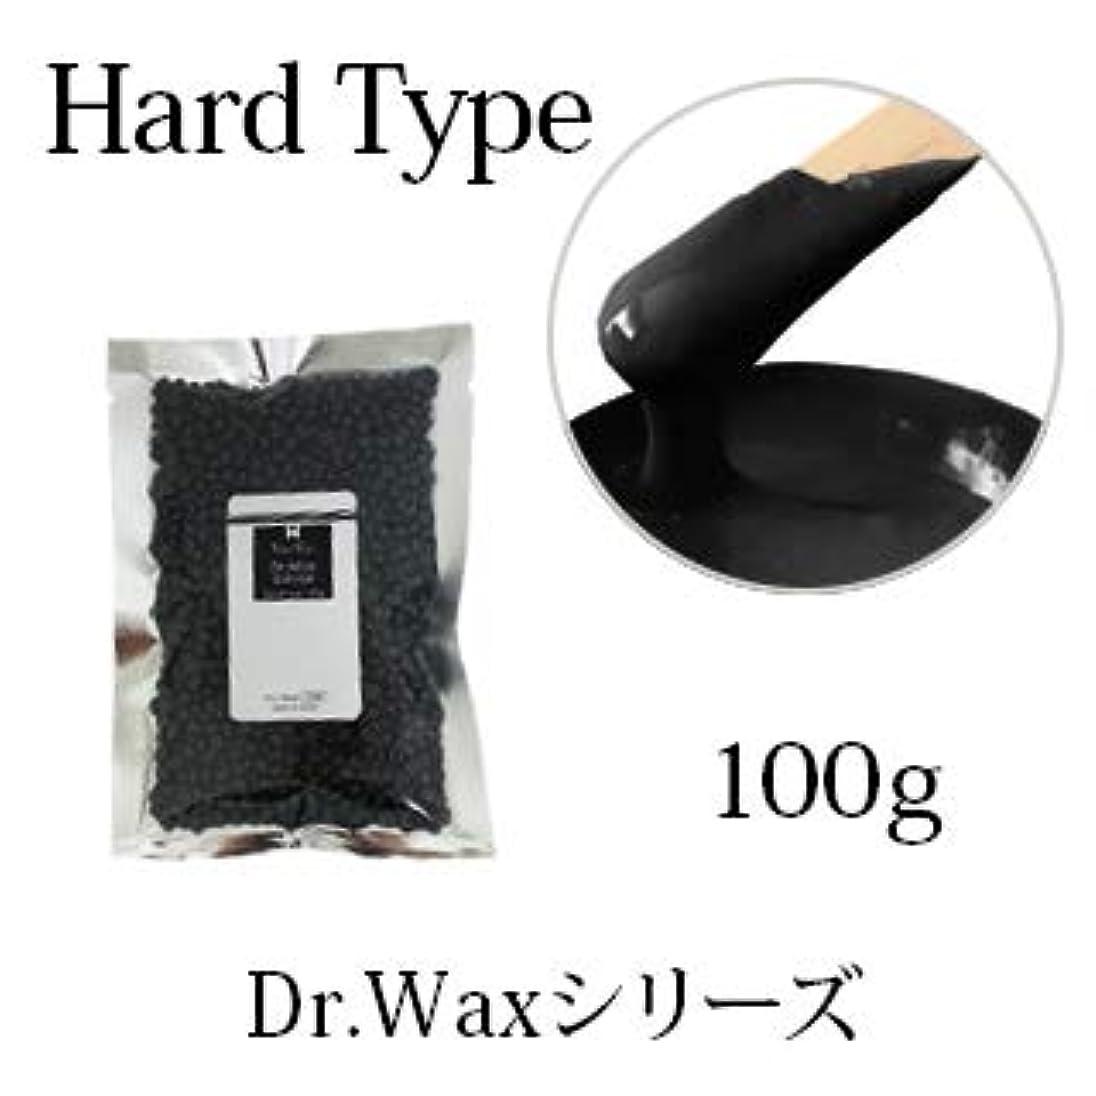 電気的どうしたの思い出させる【Dr.waxシリーズ】ワックス脱毛 粒タイプ 紙を使用しない ハードワックス (キャビア 100g)